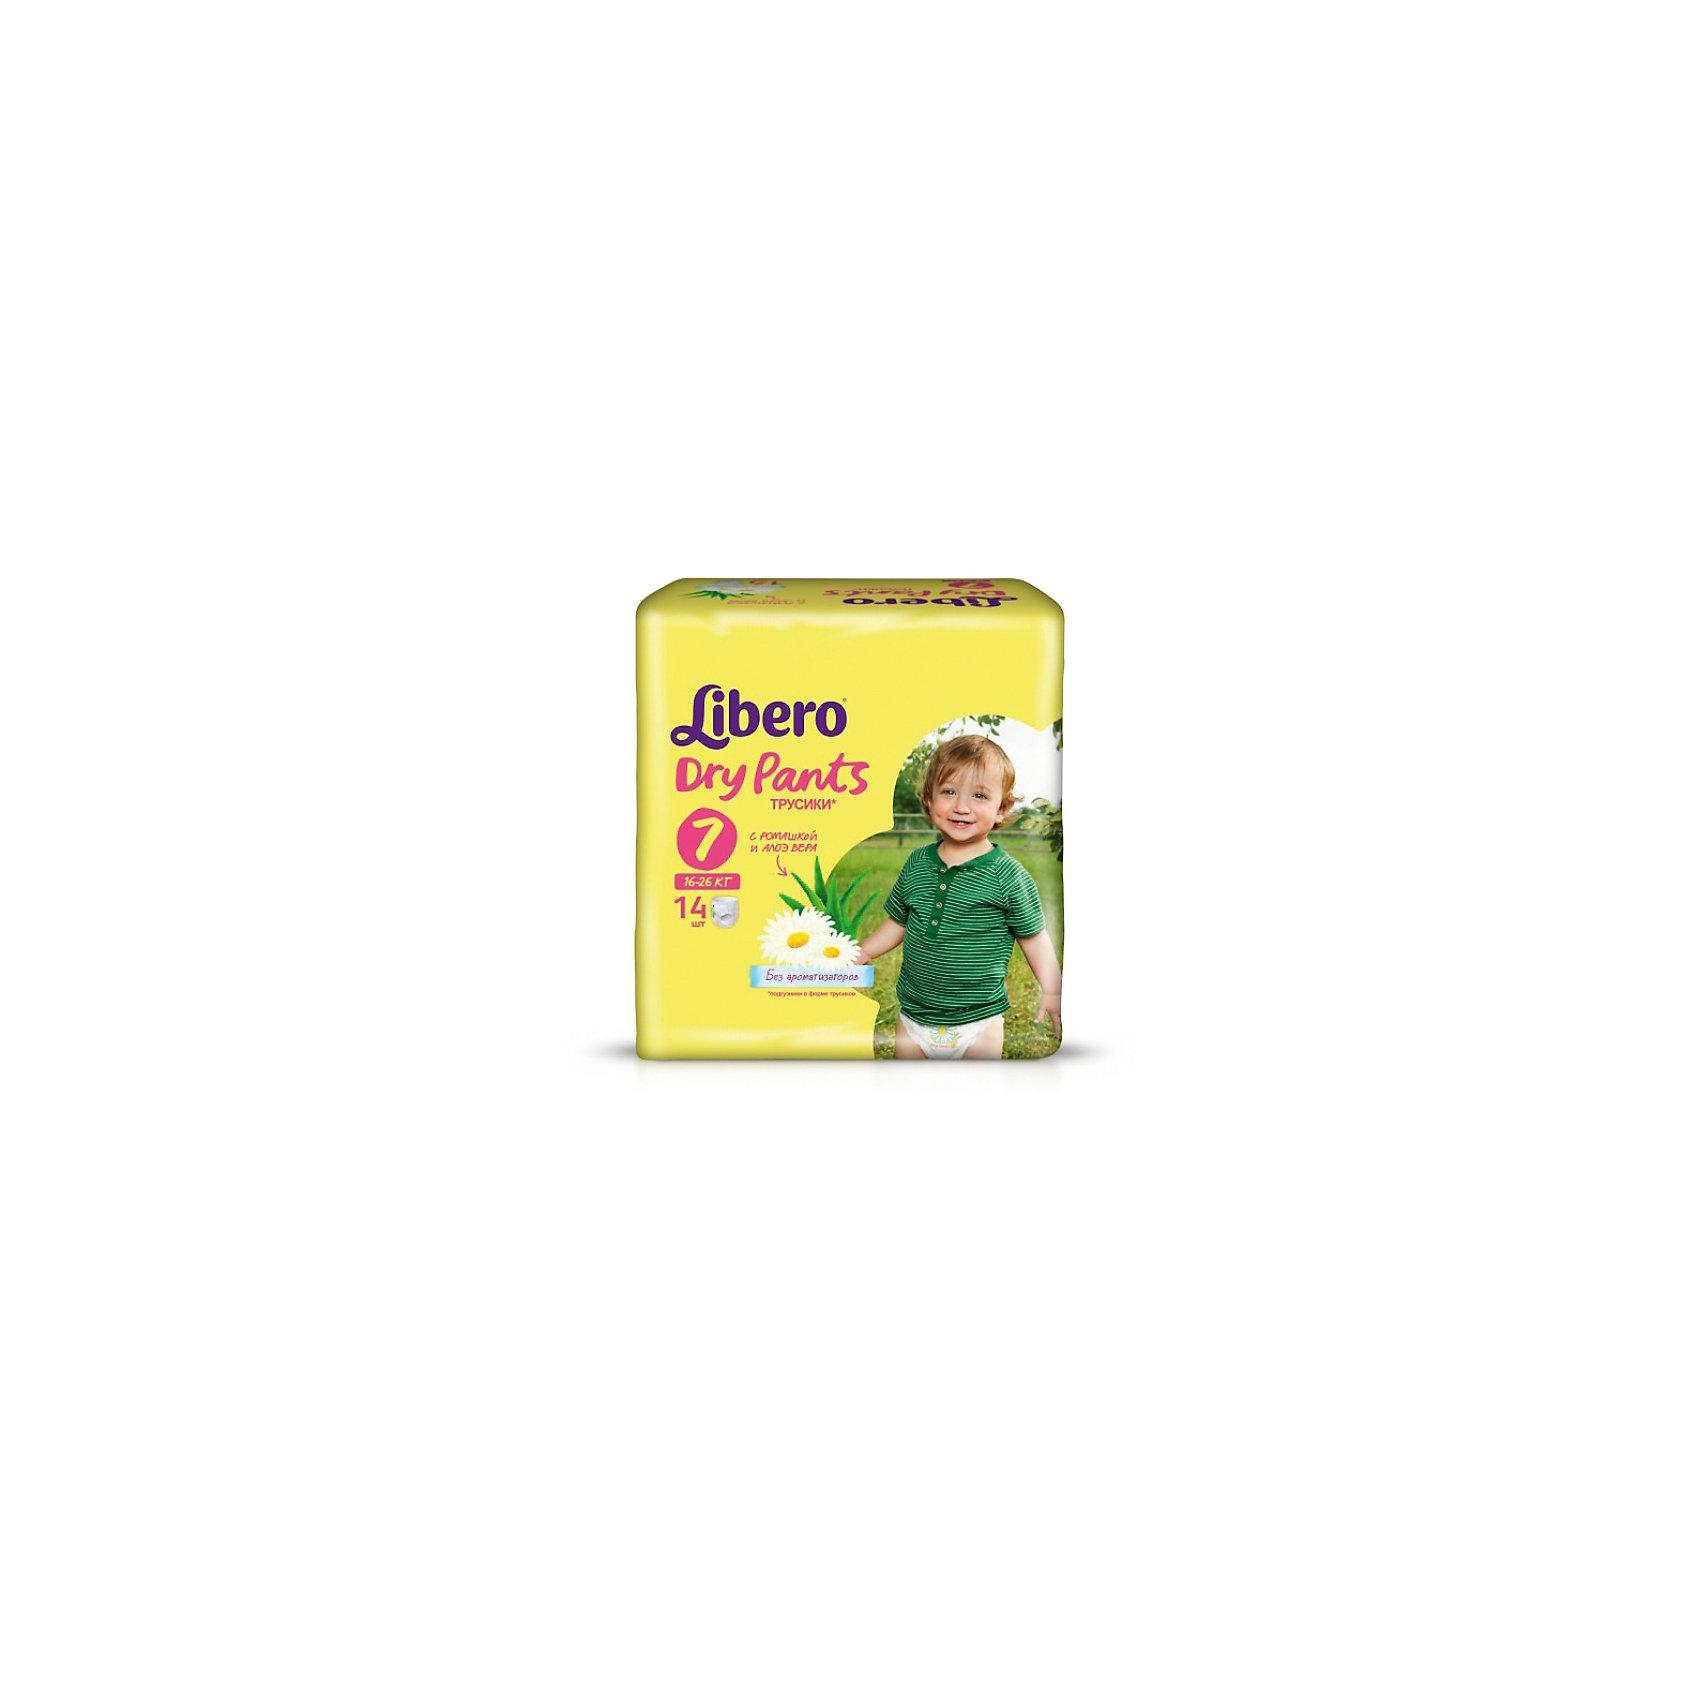 Трусики Libero Dry Pants, XL Plus 16-26 кг, 14 шт.Трусики-подгузники<br>Трусики-подгузники Libero Dry Pants (Либеро Драй Пентс) Size 7 (16-26кг), 14 шт.<br><br>Характеристики: <br><br>• легко надевать<br>• мягкие и тонкие трусики<br>• отлично впитывают и удерживают влагу<br>• содержат экстракт ромашки<br>• тянущийся поясок из дышащих материалов<br>• барьеры вокруг ножек защищают от протекания<br>• не сковывают движений<br>• легко снимать и сворачивать<br>• размер: 7 (16-26 кг)<br>• количество в упаковке: 14 шт.<br><br>Если ваш малыш не любит спокойно ждать пока вы его переоденете, то трусики-подгузники Libero Dry Pants станут для вас прекрасным решением. Они легко надеваются, как обычное белье и также легко снимаются при разрывании боковых швов. Трусики очень мягкие и тонкие, при этом они отлично впитывают и удерживают влагу, не стесняя движений крохи. Экстракт ромашки и алоэ успокоит нежную кожу малыша. Высокие барьеры и эластичный поясок препятствуют протеканию.  После использования вы легко сможете свернуть трусики и заклеить из специальной клейкой лентой. Яркая упаковка и привлекательный дизайн превратят процесс переодевания в веселую игру!<br><br>Трусики-подгузники Libero Dry Pants Size 7 (16-26кг), 14 шт. вы можете купить в нашем интернет-магазине.<br><br>Ширина мм: 147<br>Глубина мм: 195<br>Высота мм: 195<br>Вес г: 611<br>Возраст от месяцев: 24<br>Возраст до месяцев: 84<br>Пол: Унисекс<br>Возраст: Детский<br>SKU: 3517631